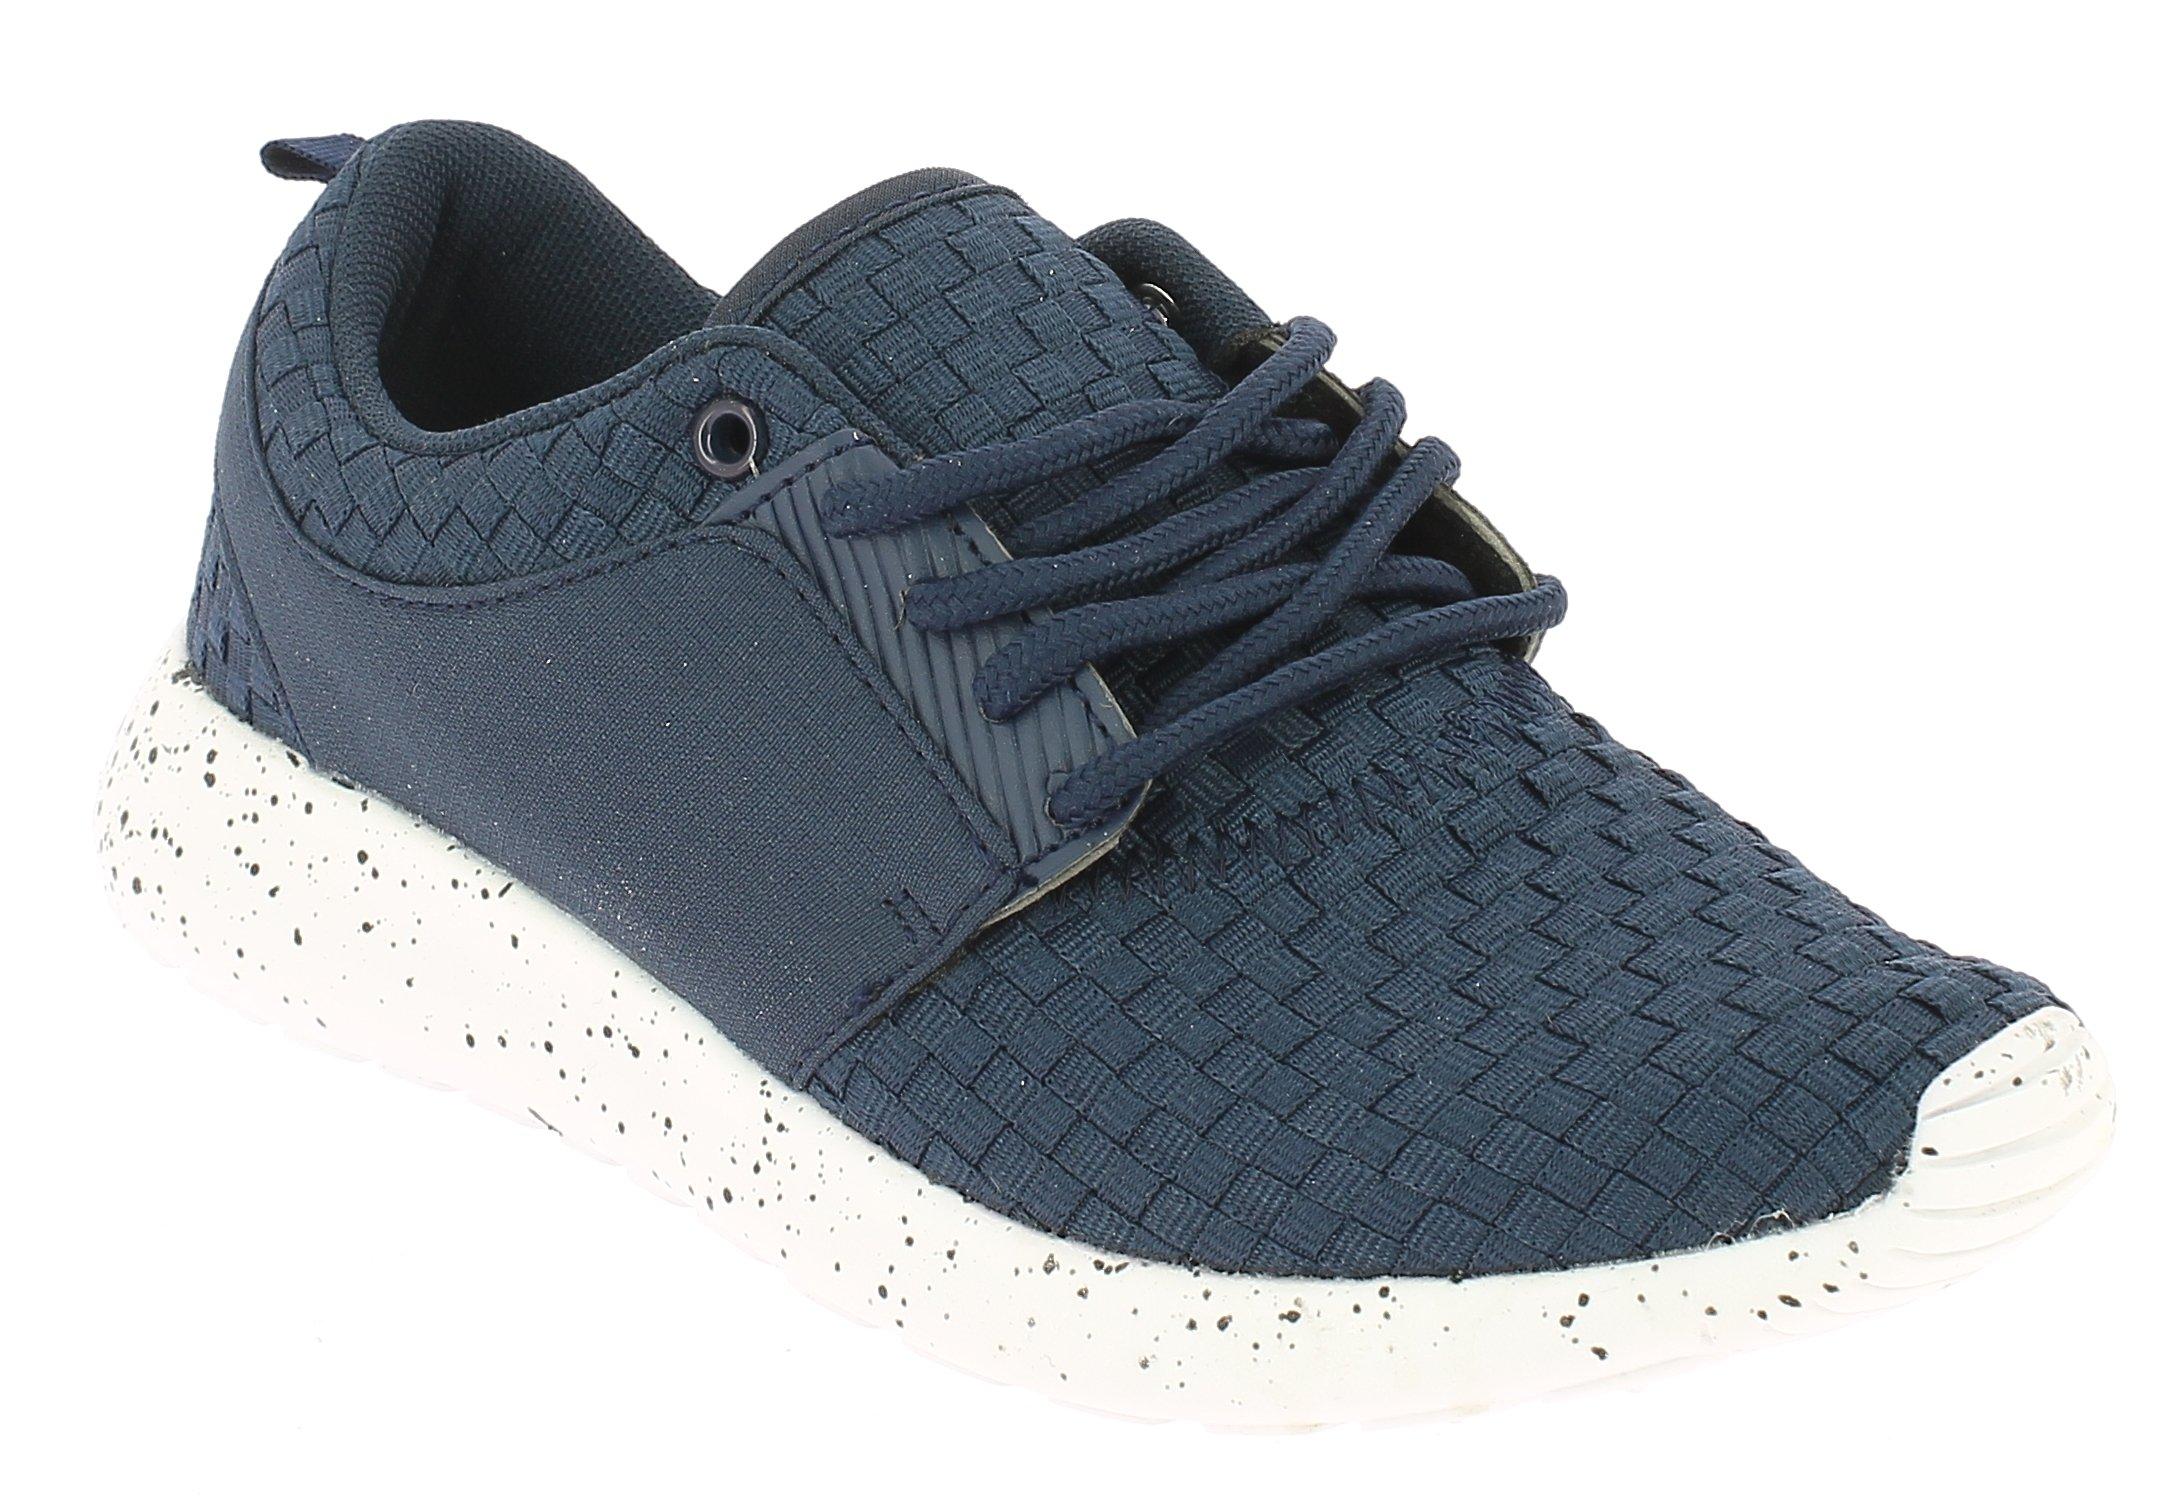 DEMAX Γυναικείο Casual 76872Β Μπλέ - IqShoes - 7-6872B BLUE-blue-39/1/23/25